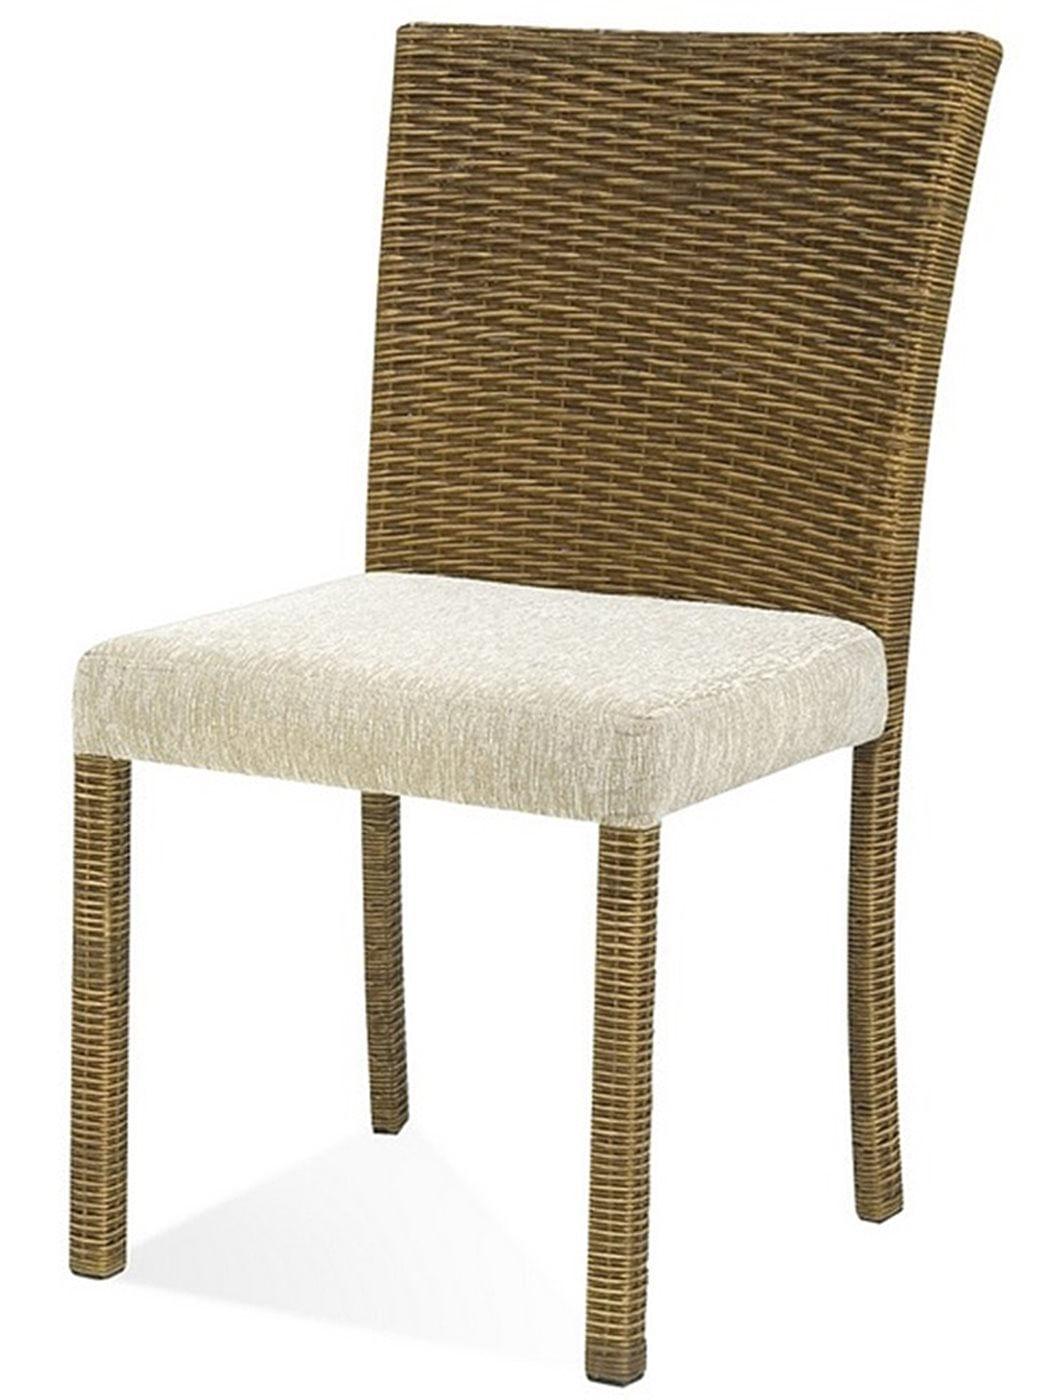 Cadeira Canton Assento cor Branco com Base Aluminio Revestido em Junco - 44730